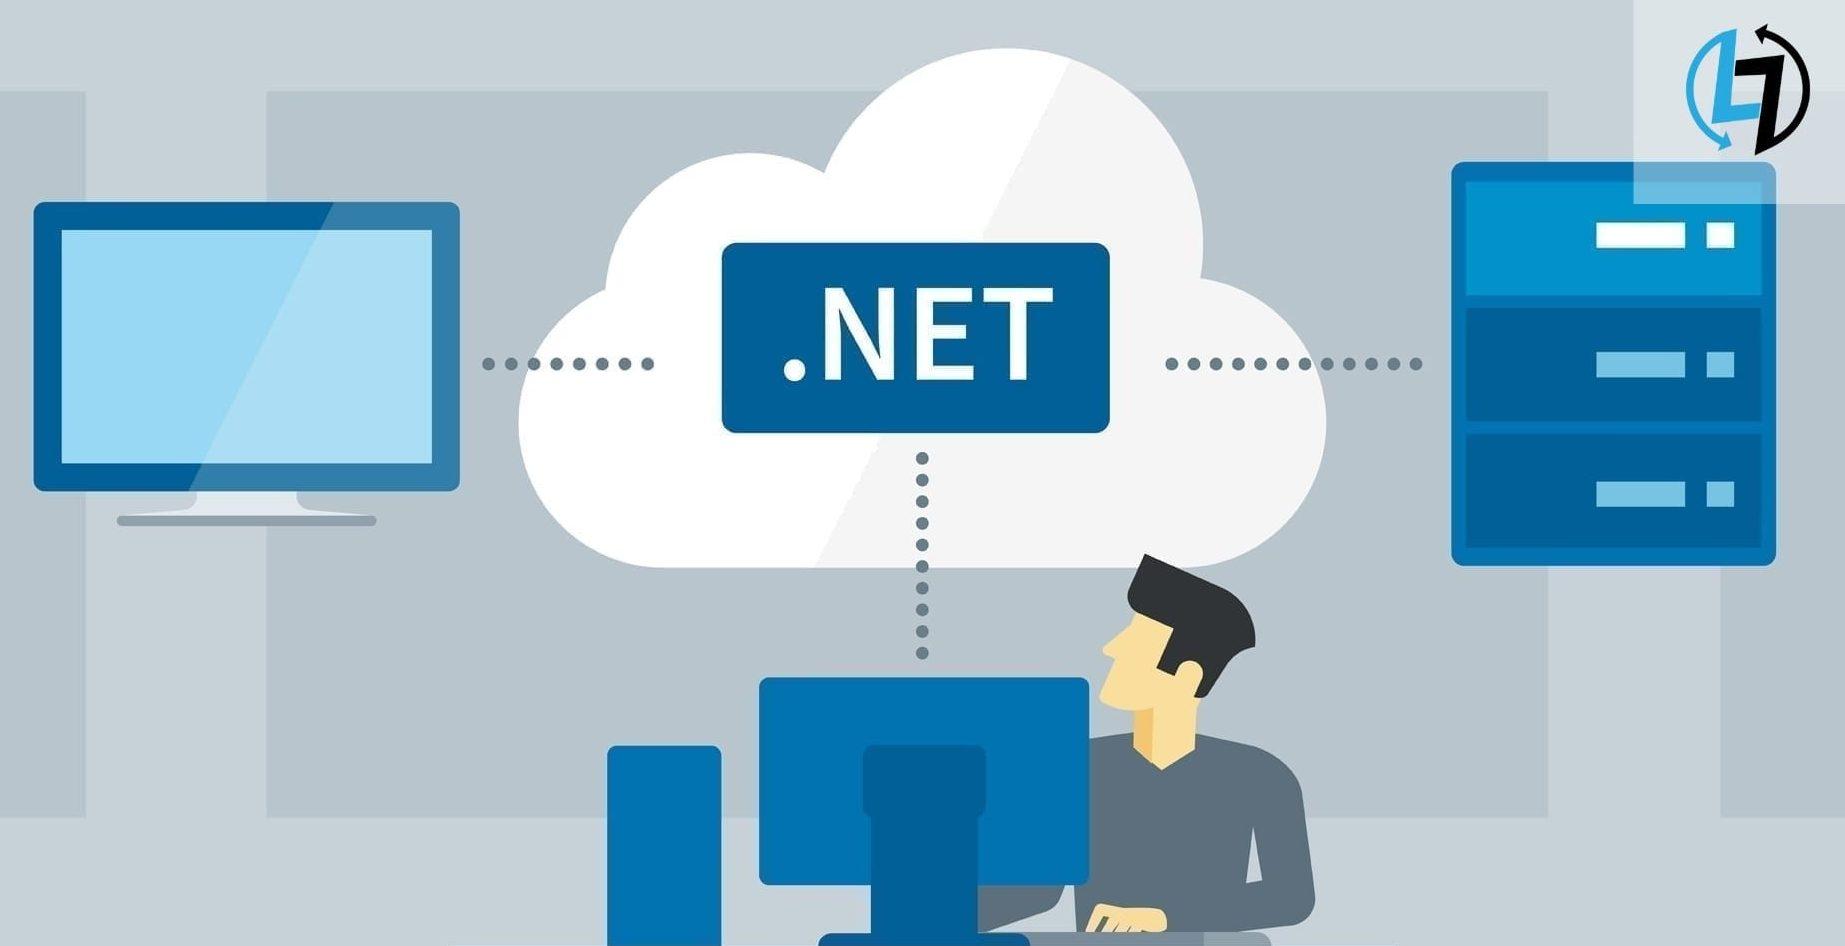 NET 1 e1599892703930